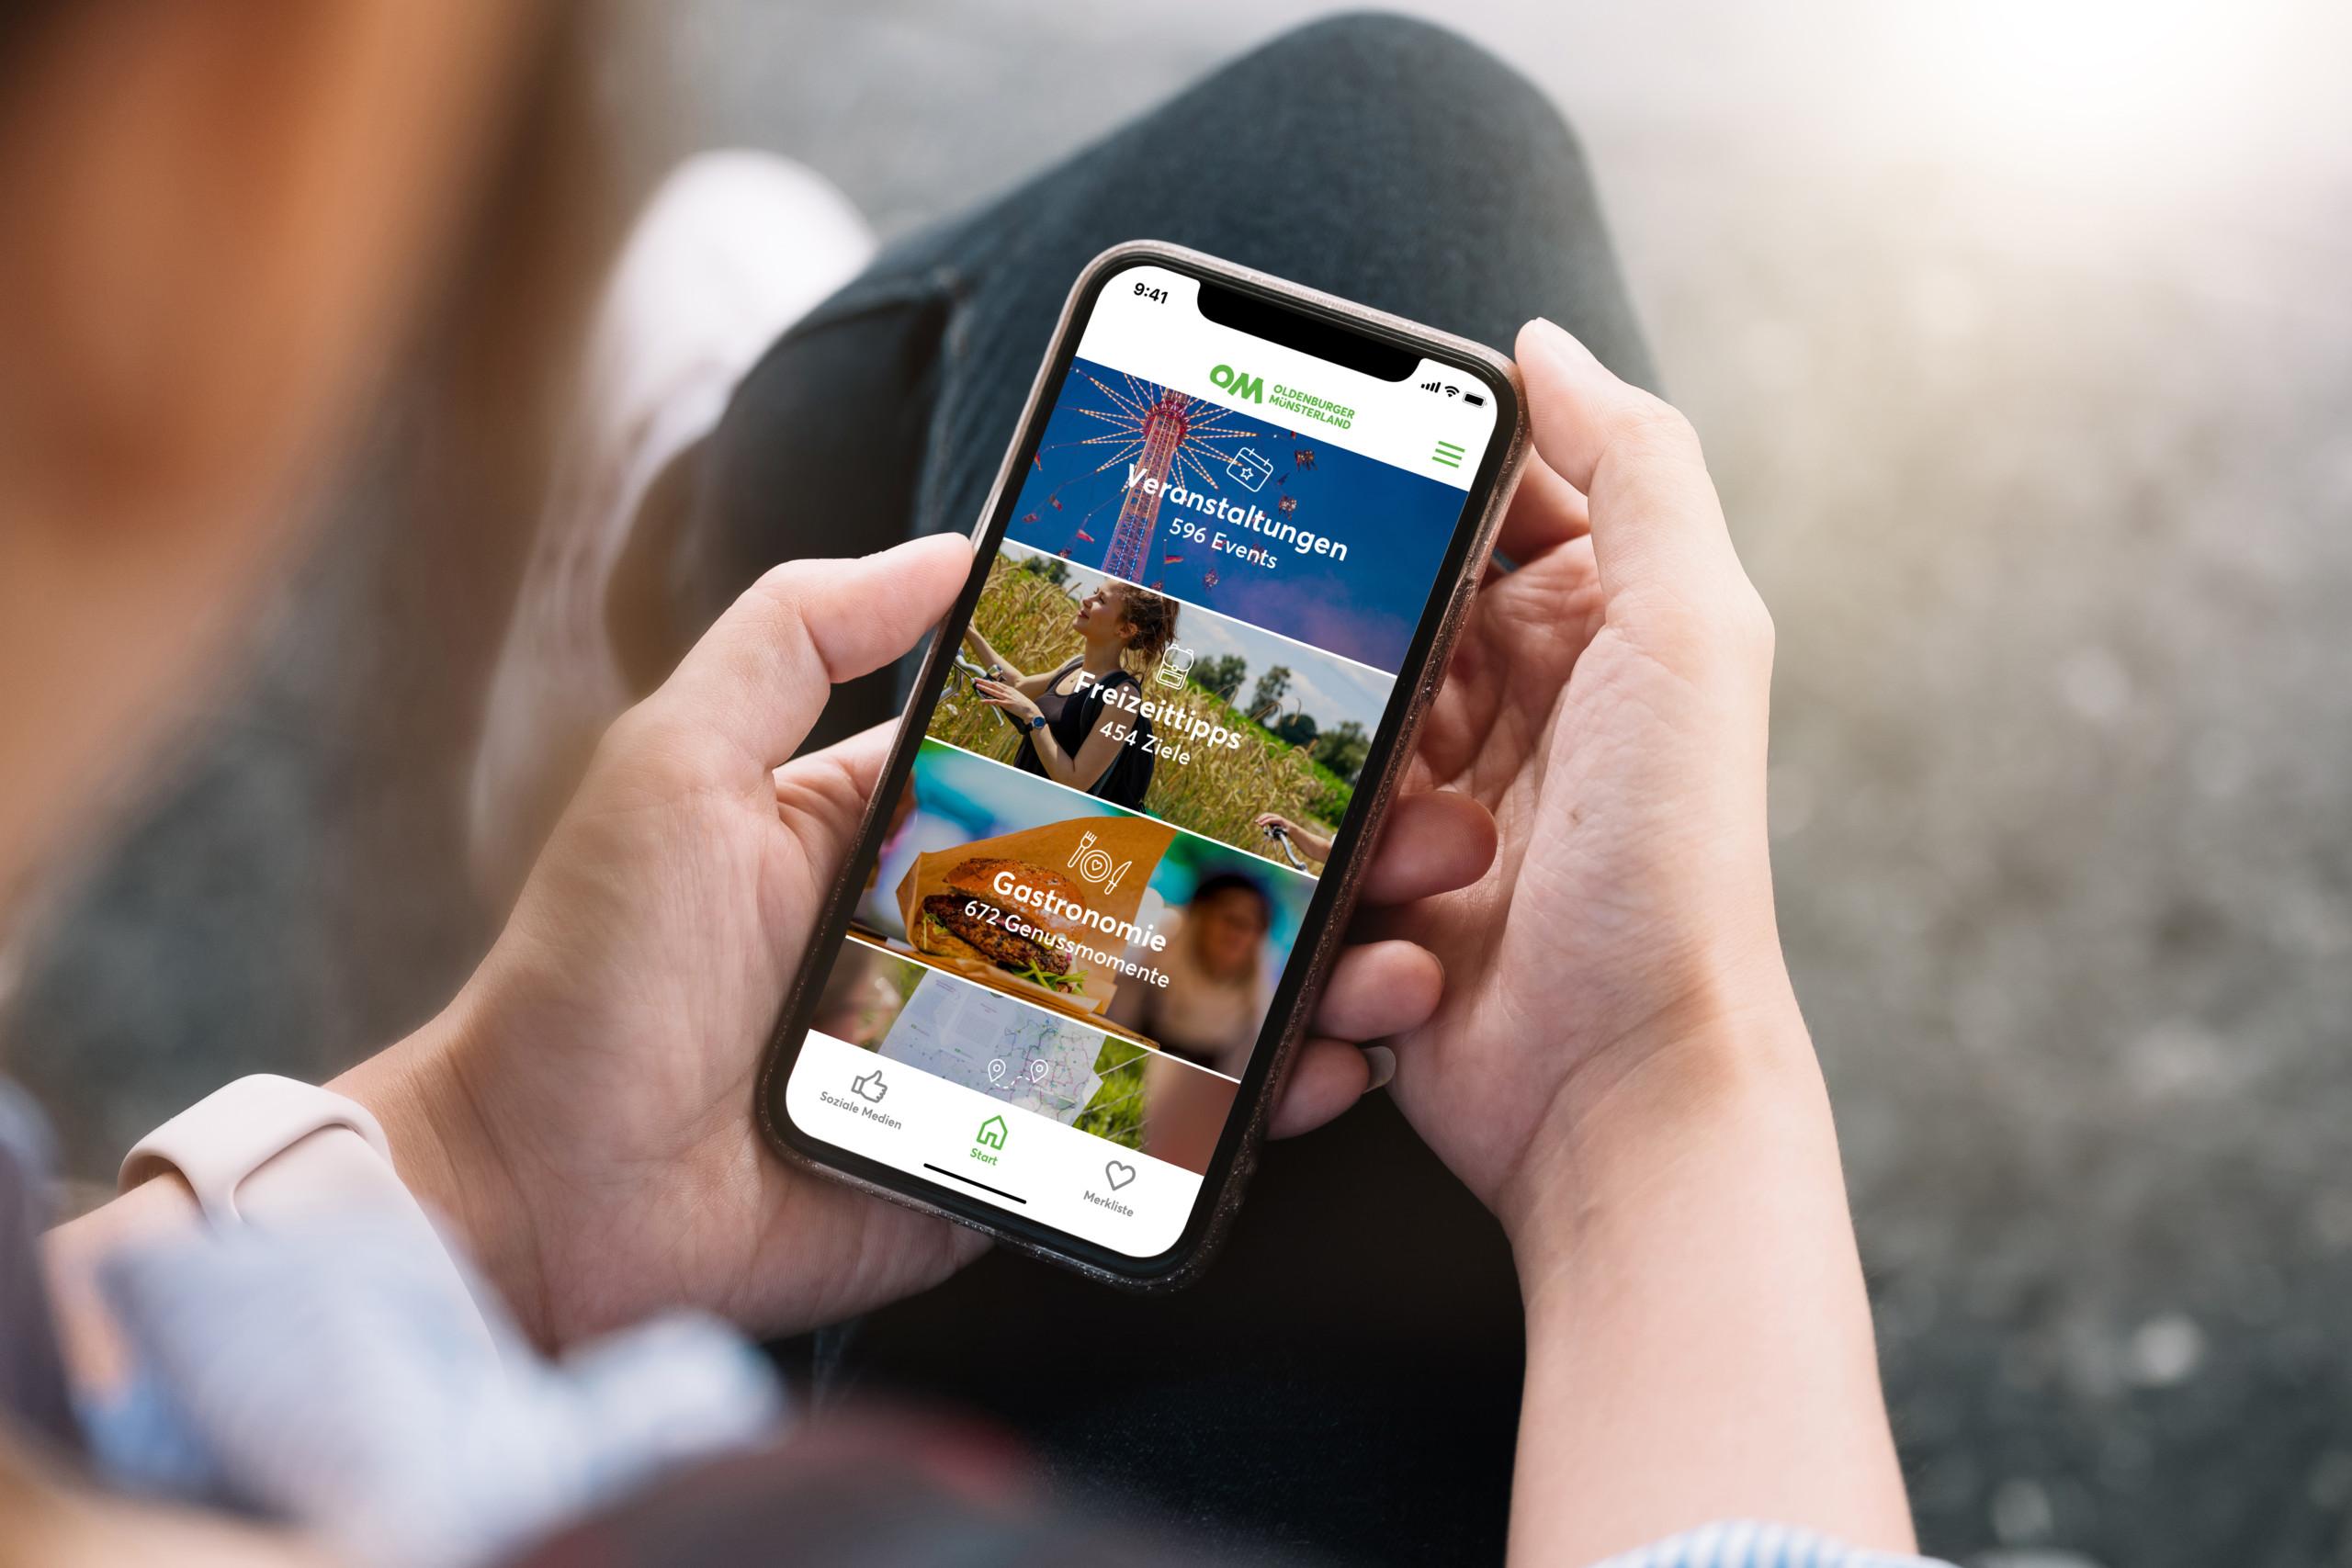 """Die App """"Mein OM"""" vom Oldenburger Münsterland zeigt Tipps über Veranstaltungen, Gastronomie und kulturelle Angebote an. Bild: Verbund Oldenburger Münsterland"""